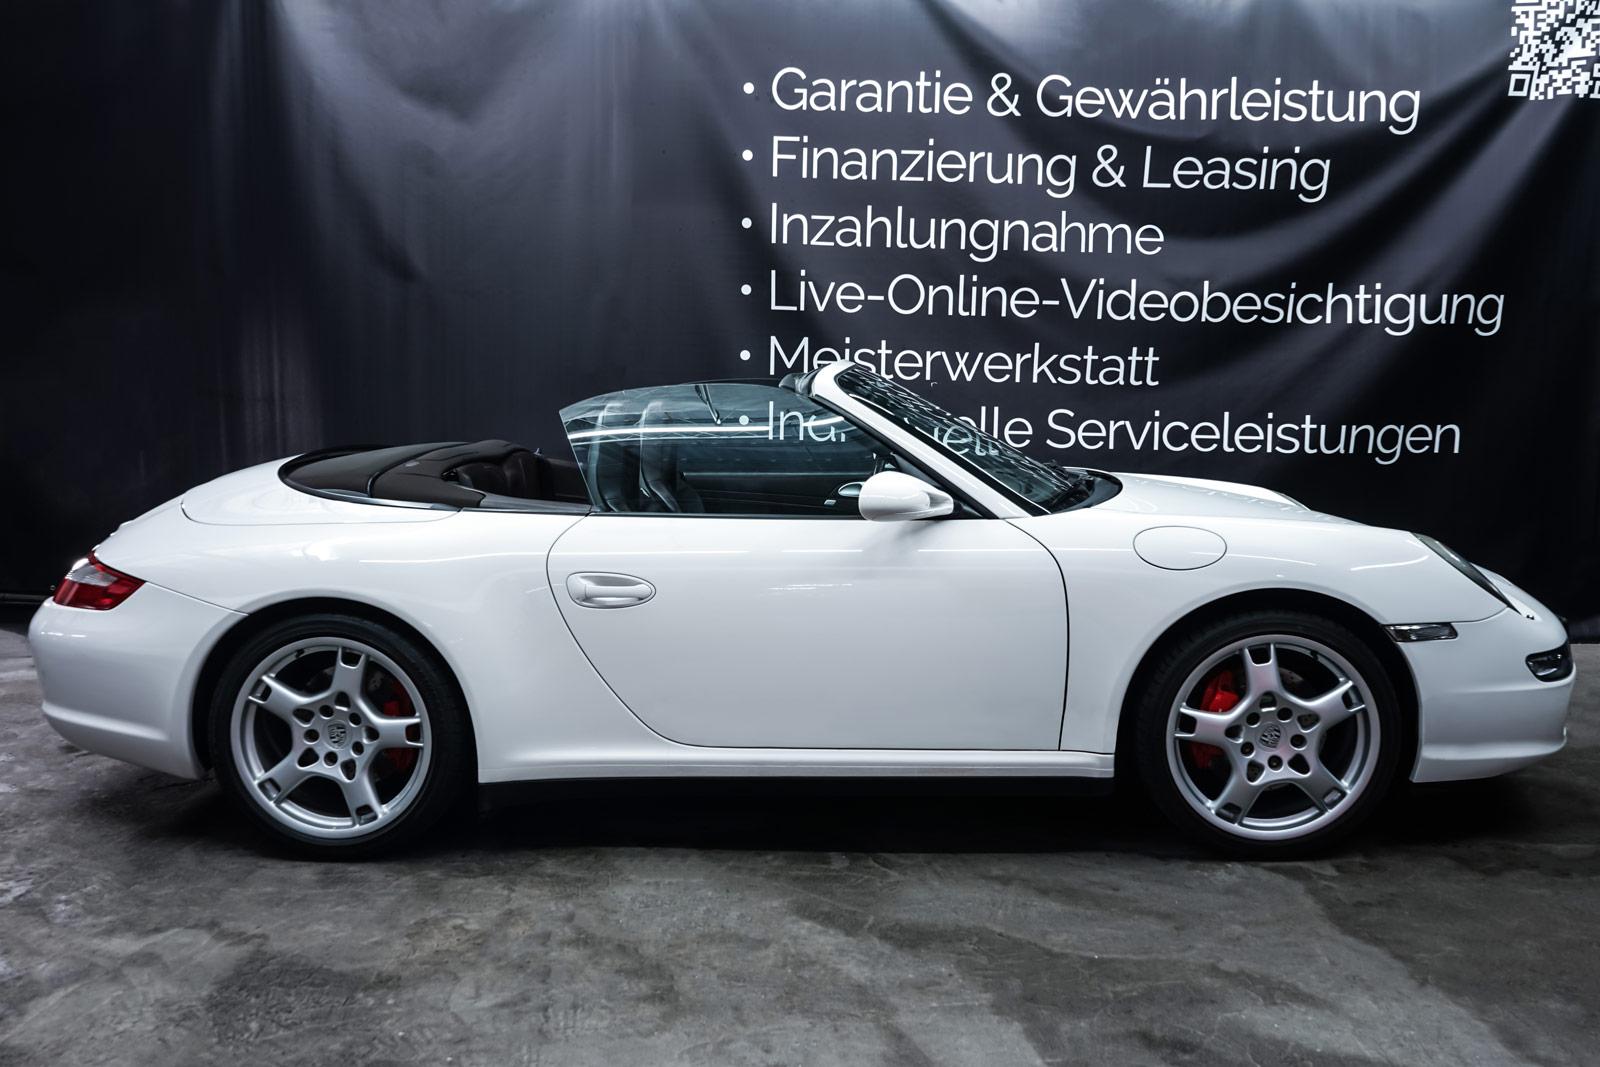 Porsche_997_C4S_Cabrio_Weiß_Braun_POR-4557_20_w